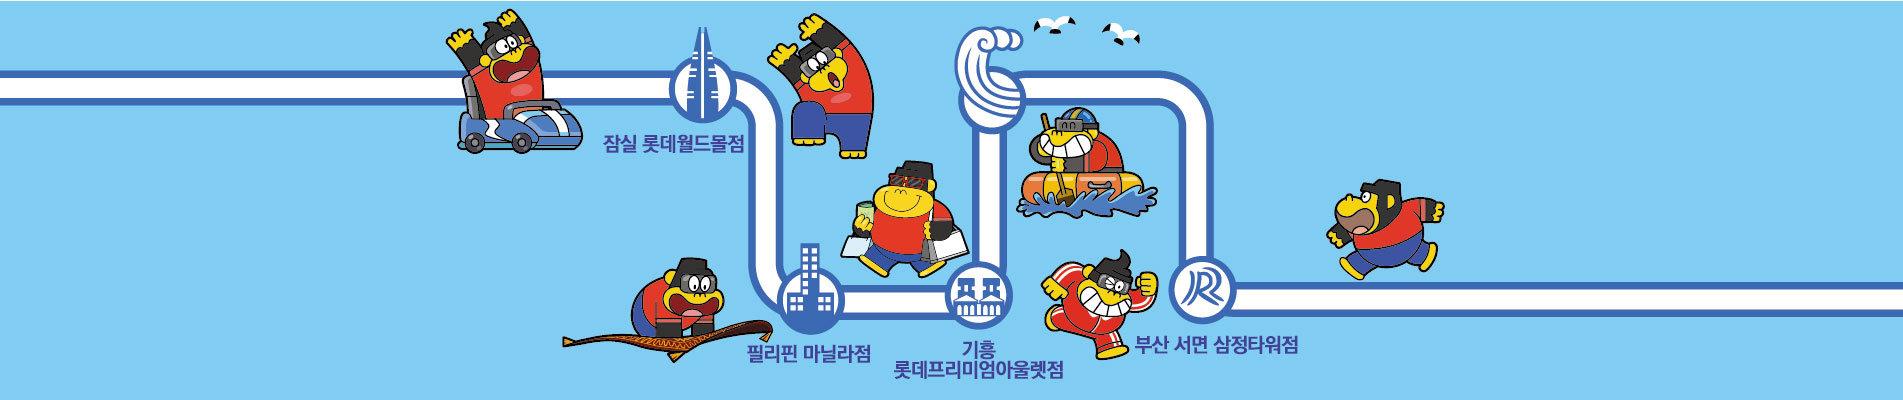 서브배경_매장정보(201215).jpg